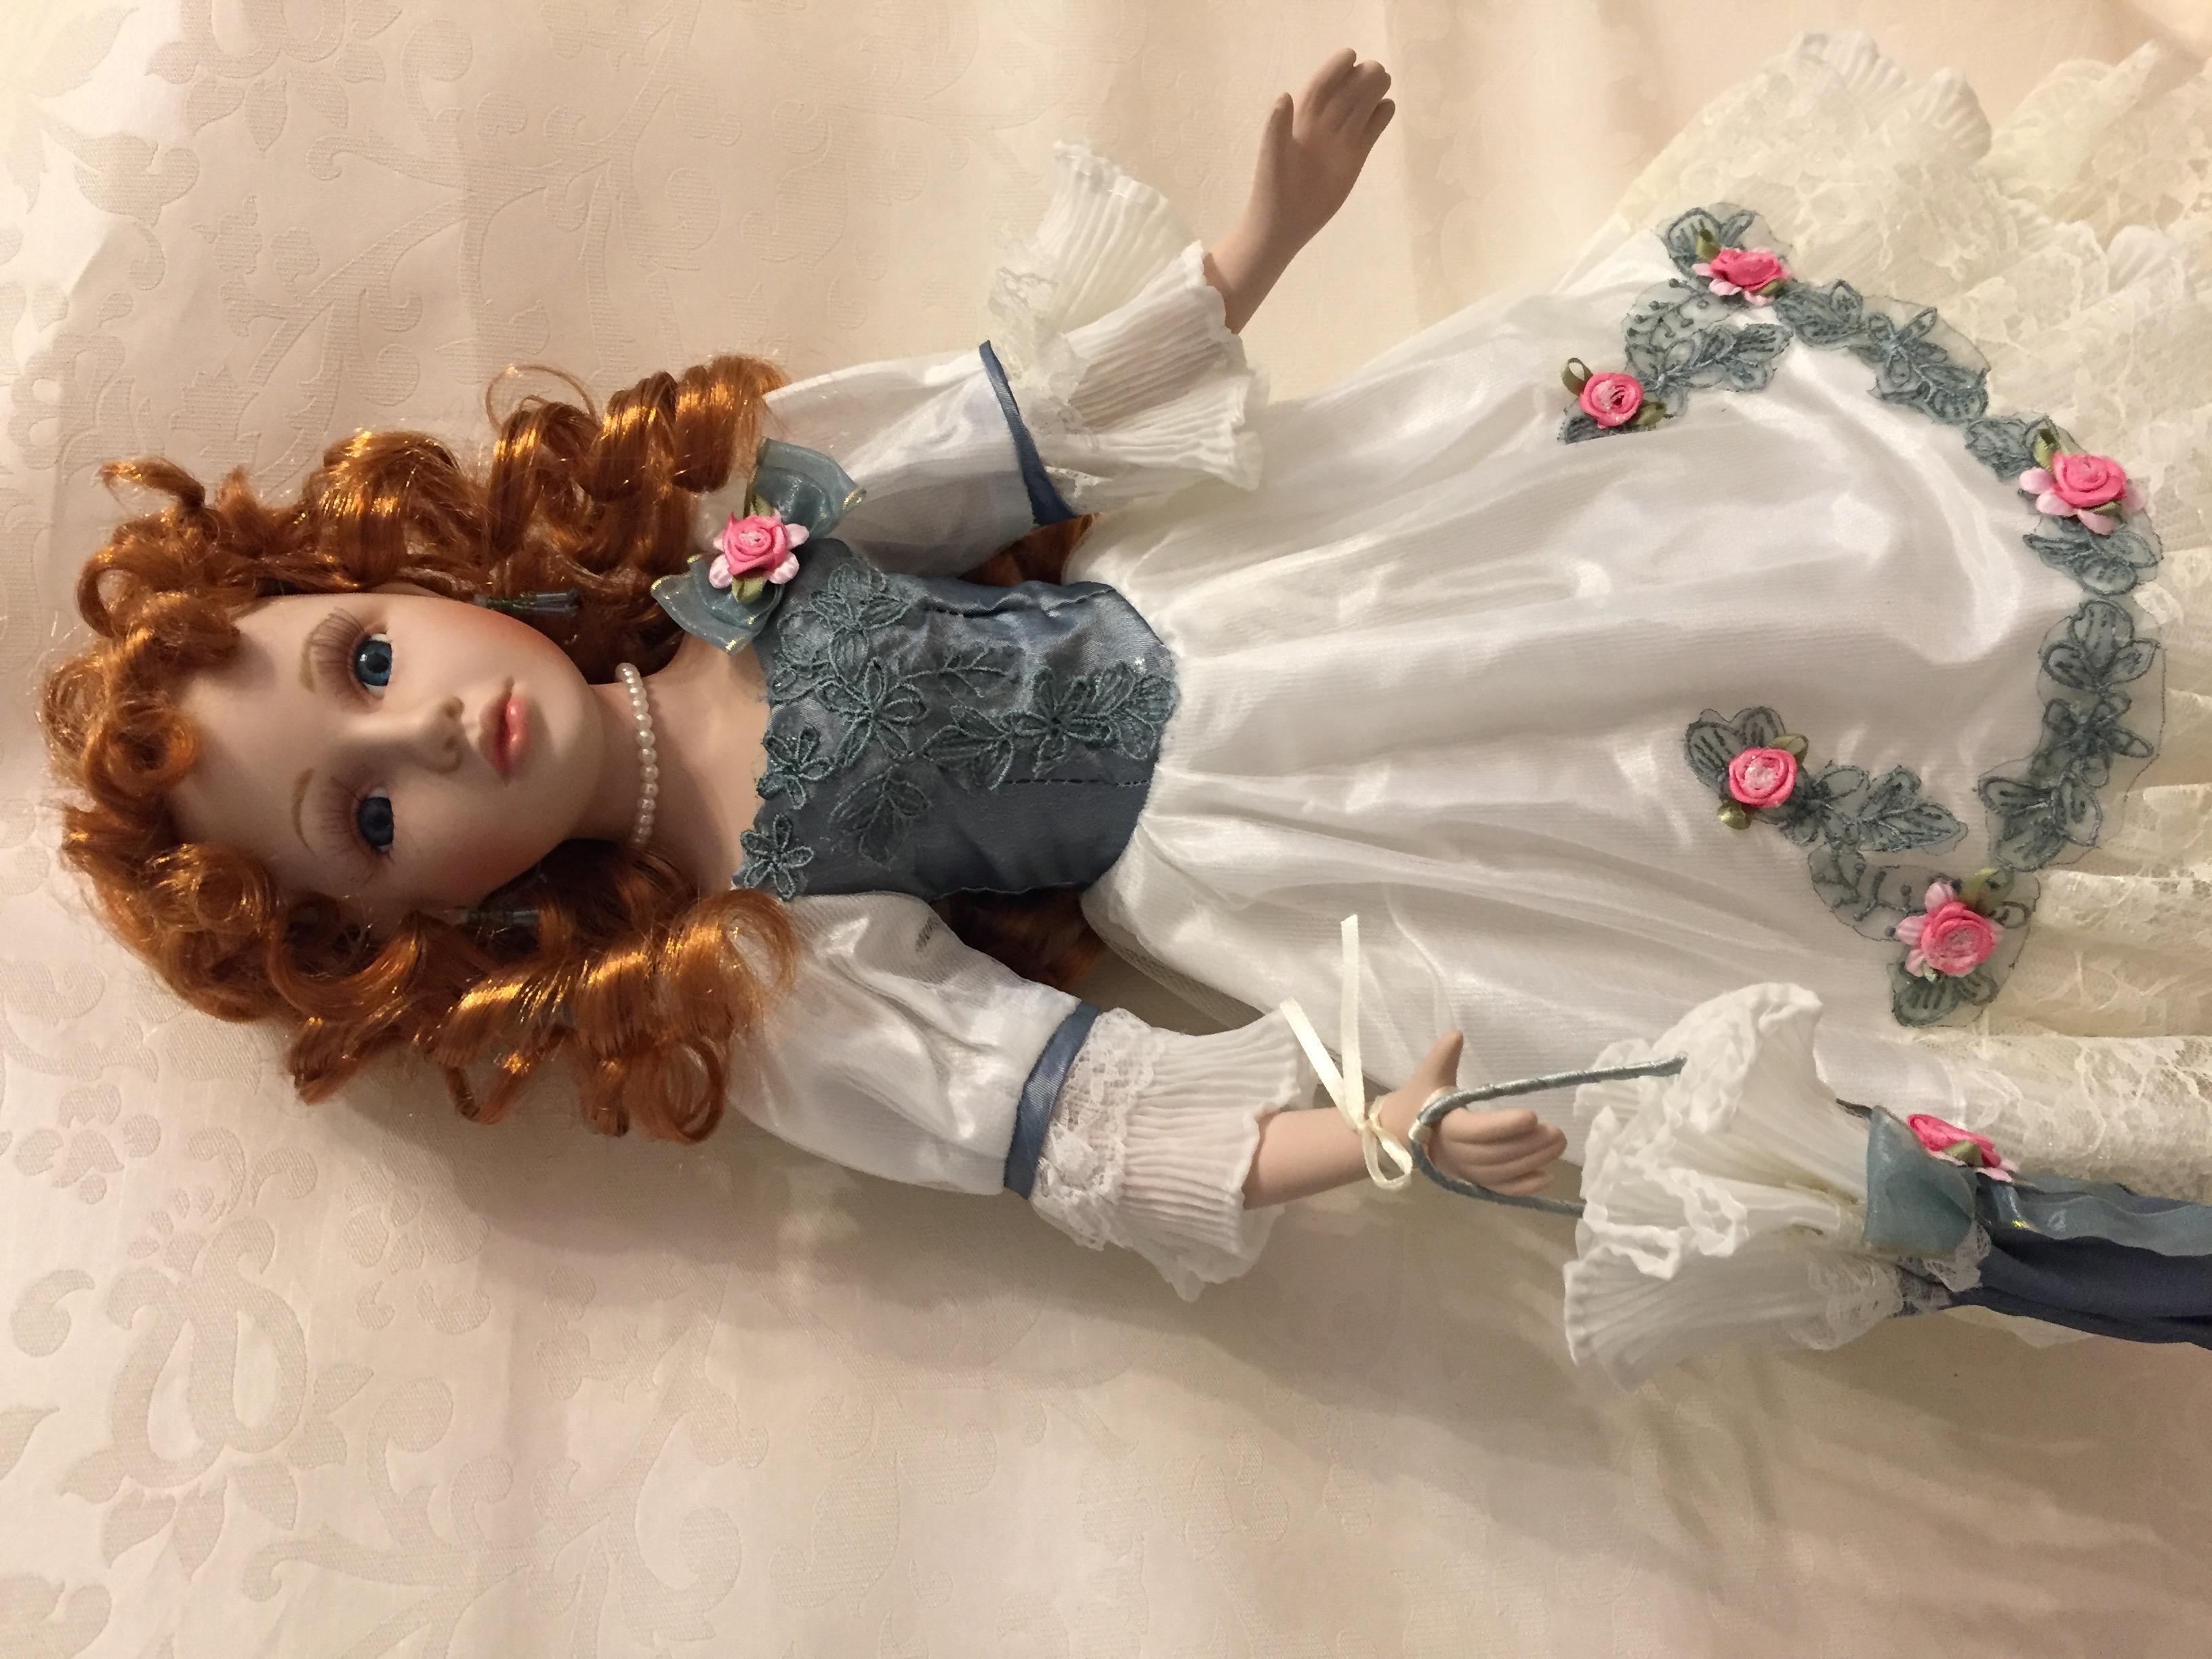 Коллекционная кукла своими руками. Фото №4